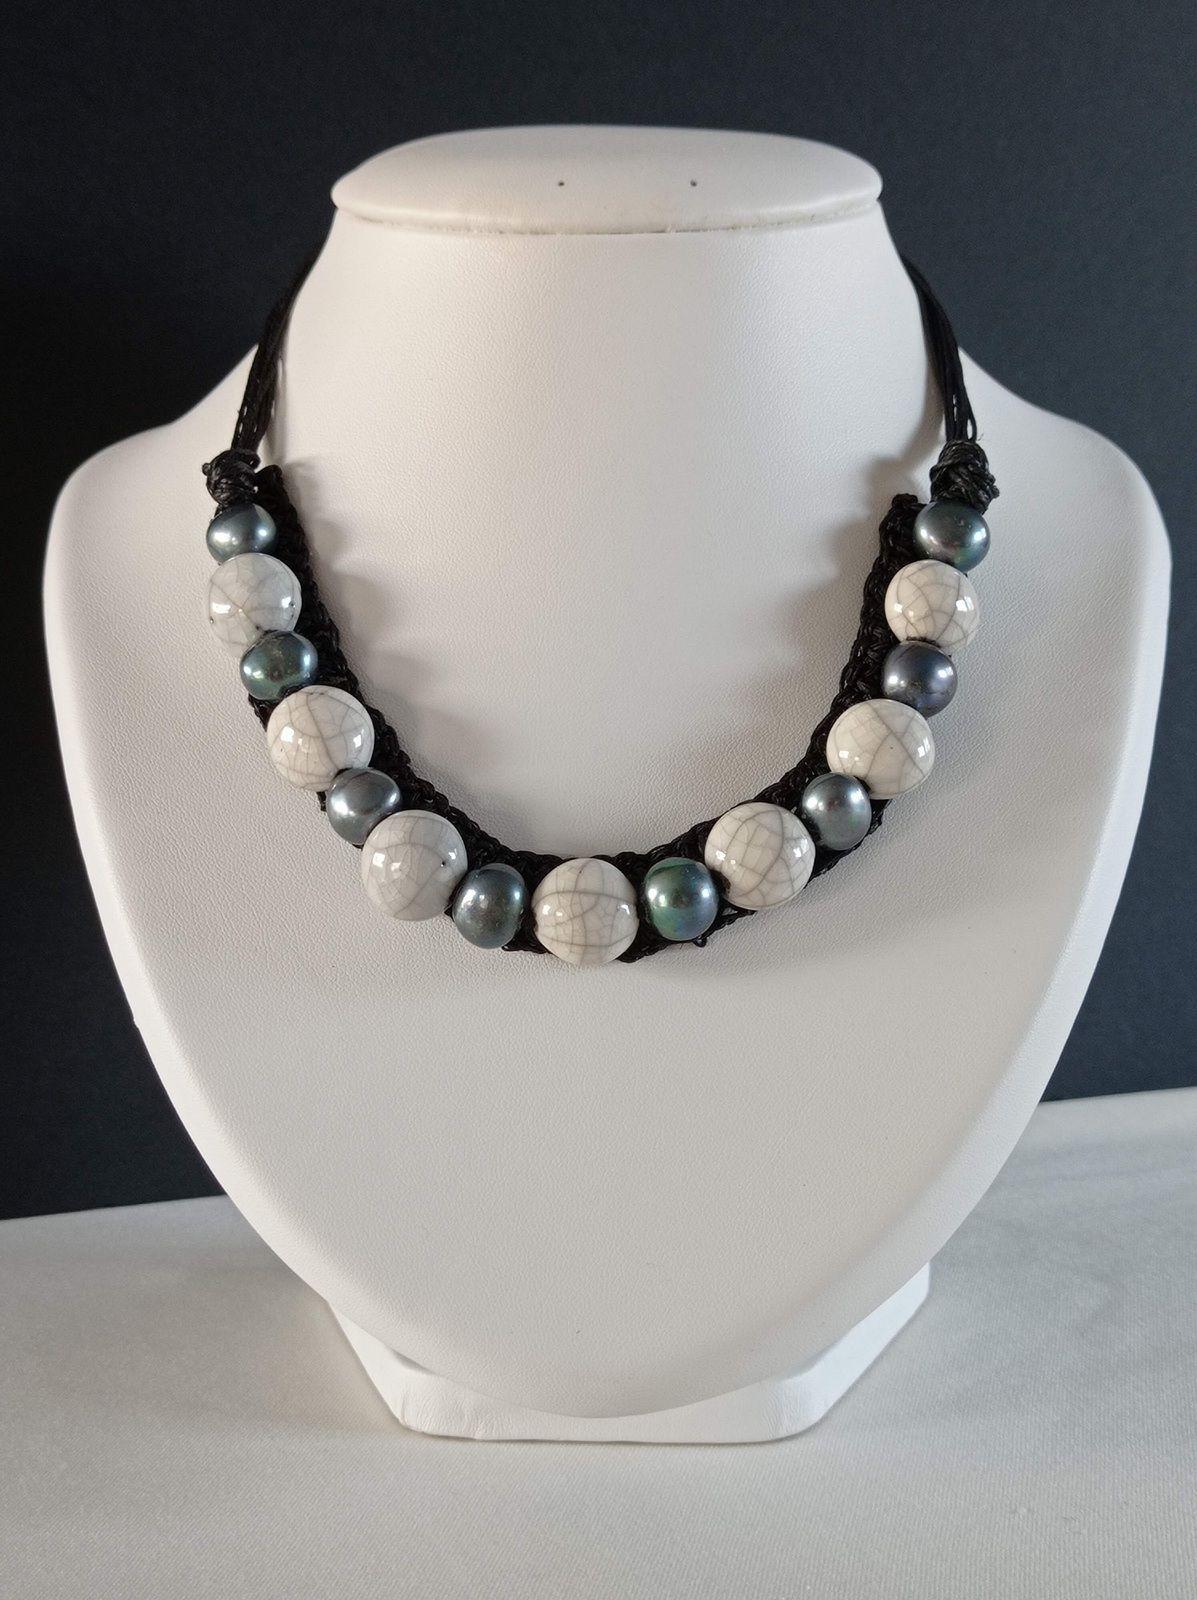 REF.CLP262- COLLIER lin, perles d'eau douce, céramique raku, avec chaîne de rallonge ,long. entre 42 et 47cm. 35€.